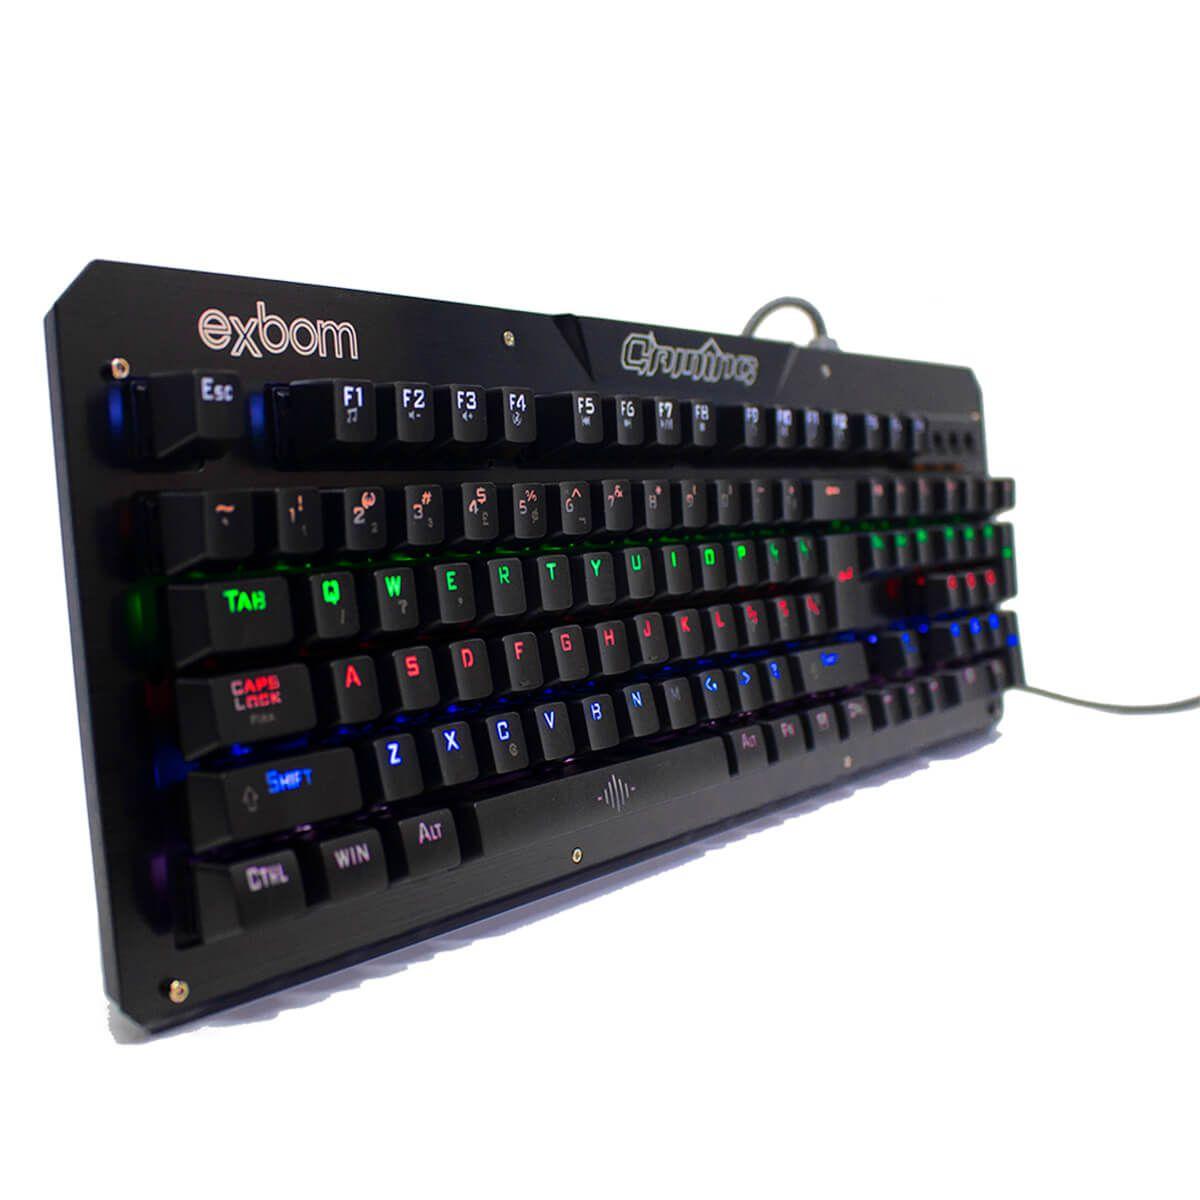 Teclado Gamer Mecanico com Iluminaçao Led 7Rgb em Metal Exbom BK-GX1